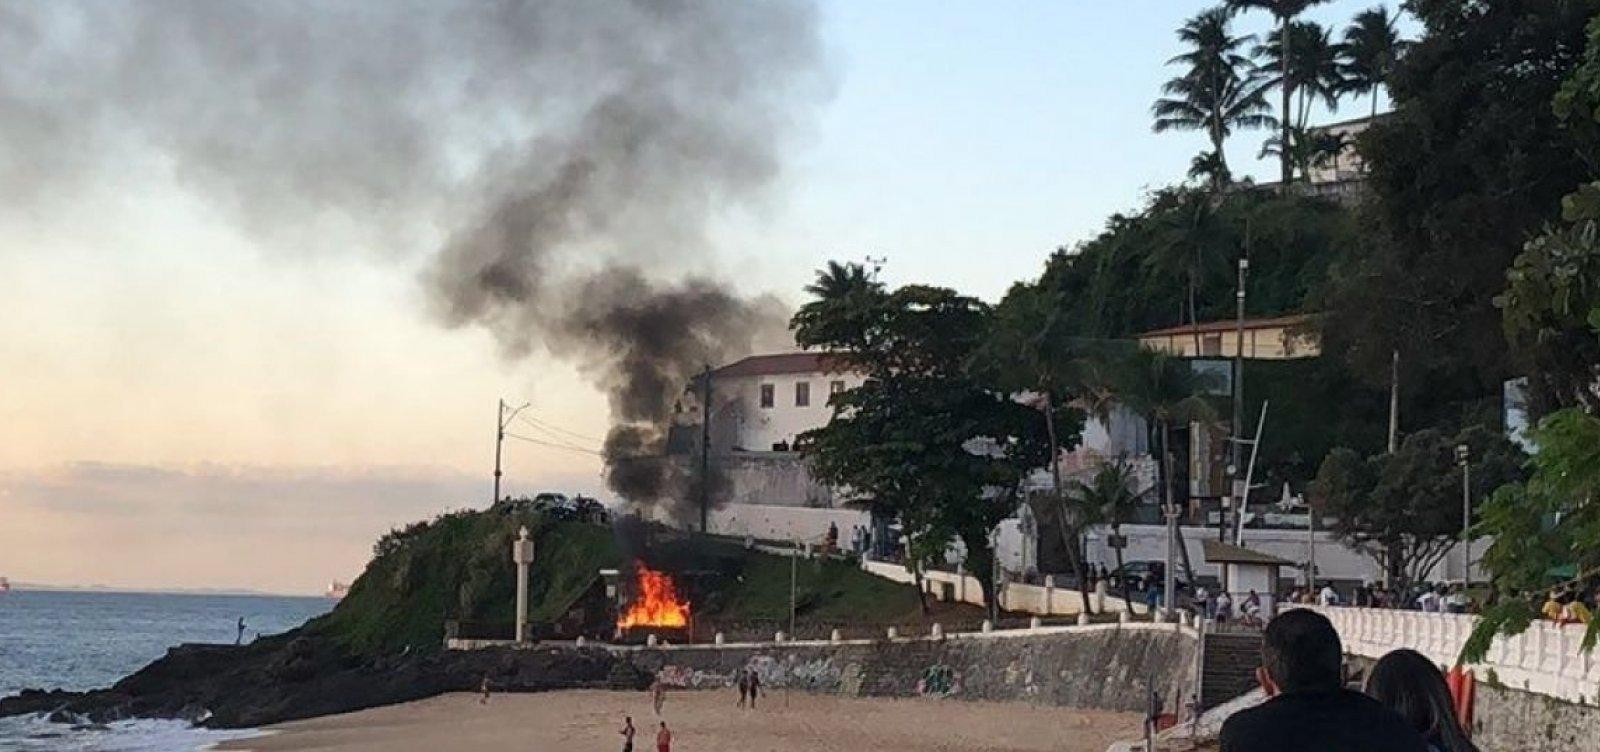 Após atentado na Barra, casal segue internado com mais de 90% do corpo queimado